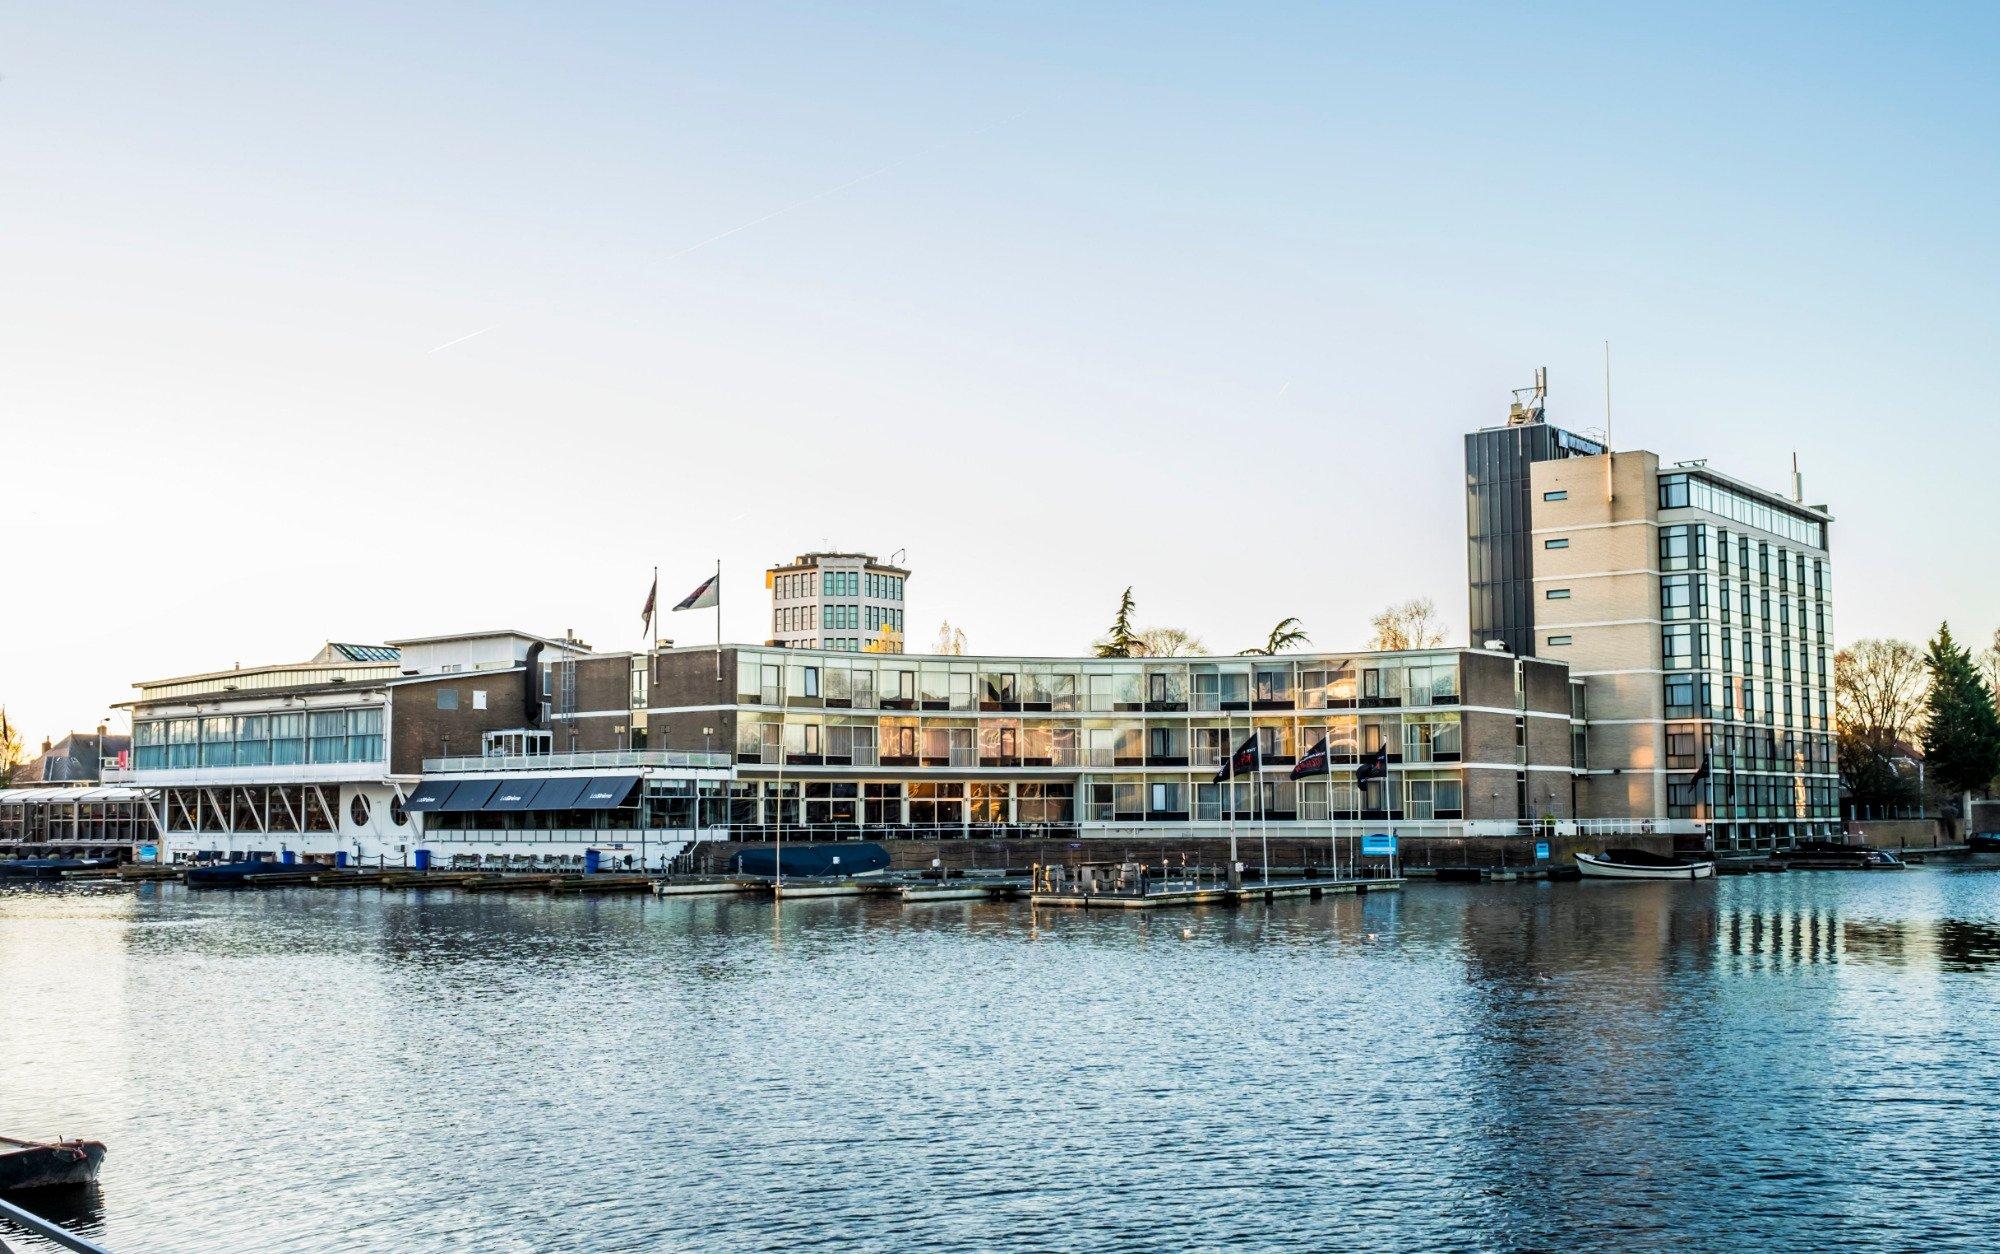 Apollo Hotel Amsterdam